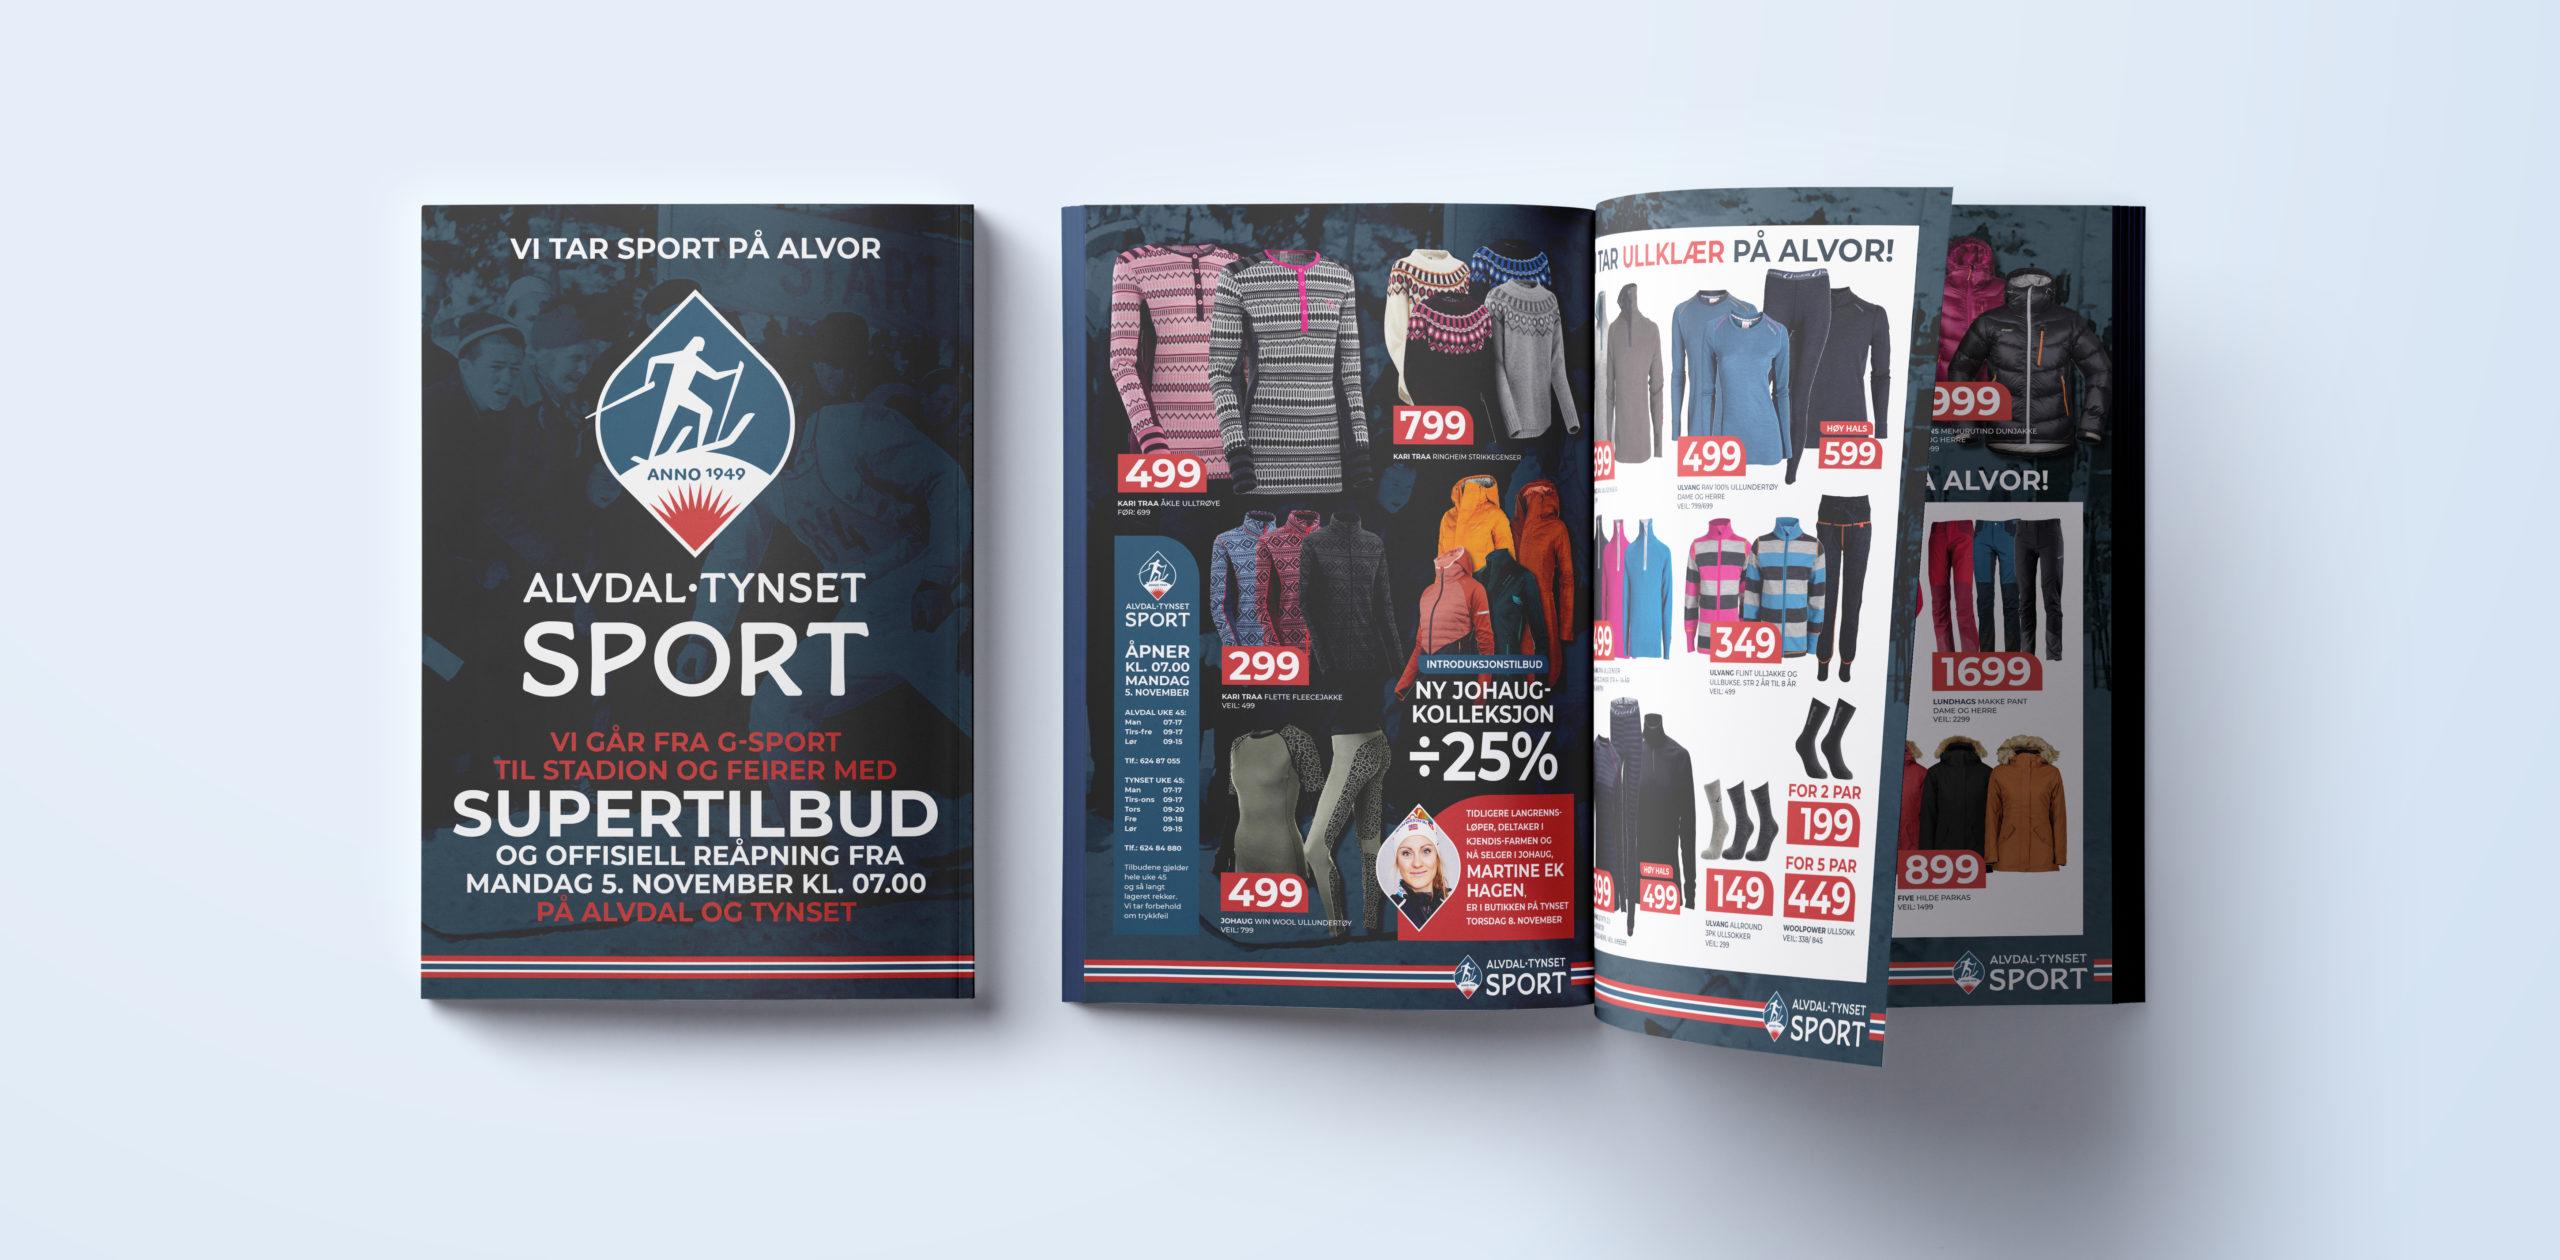 Kampanjeavis/reklamebrosjyre for Alvdal Tynset Sport, laget av Haus Byrå